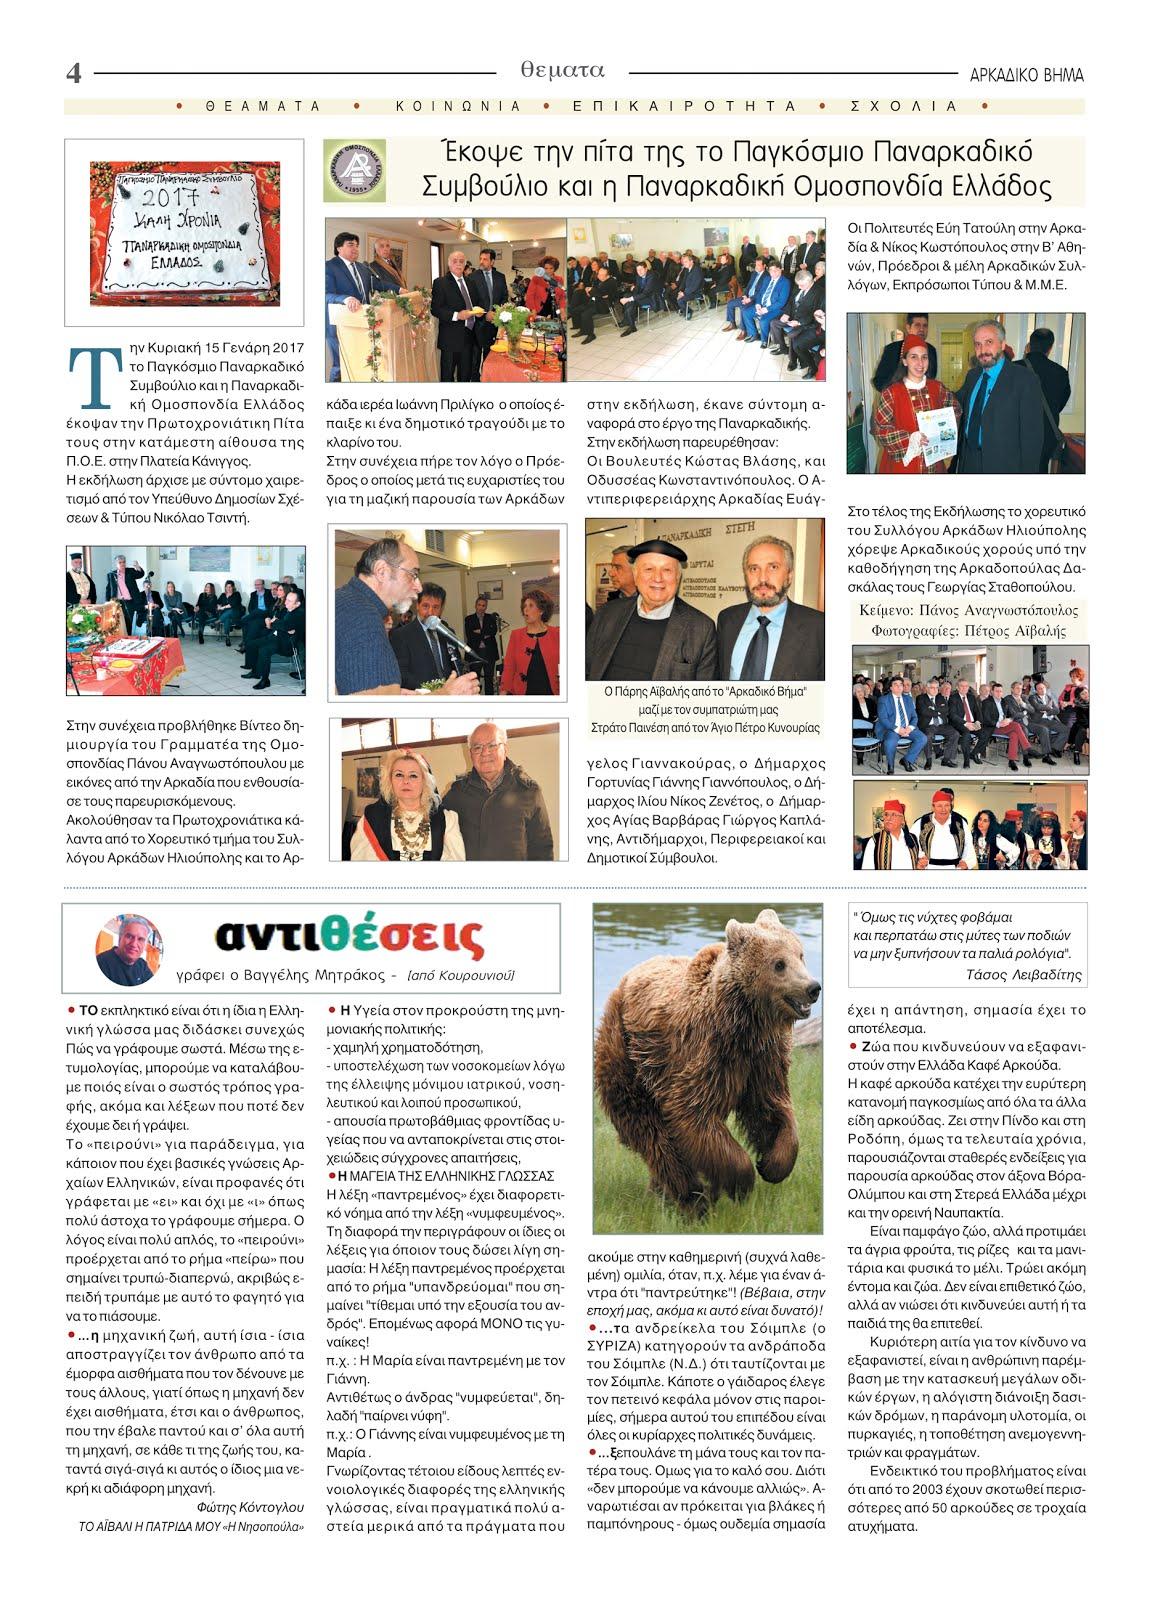 """Το """"Αρκαδικό Βήμα"""" είναι κοντά στους Αρκάδες ανά τον κόσμο"""